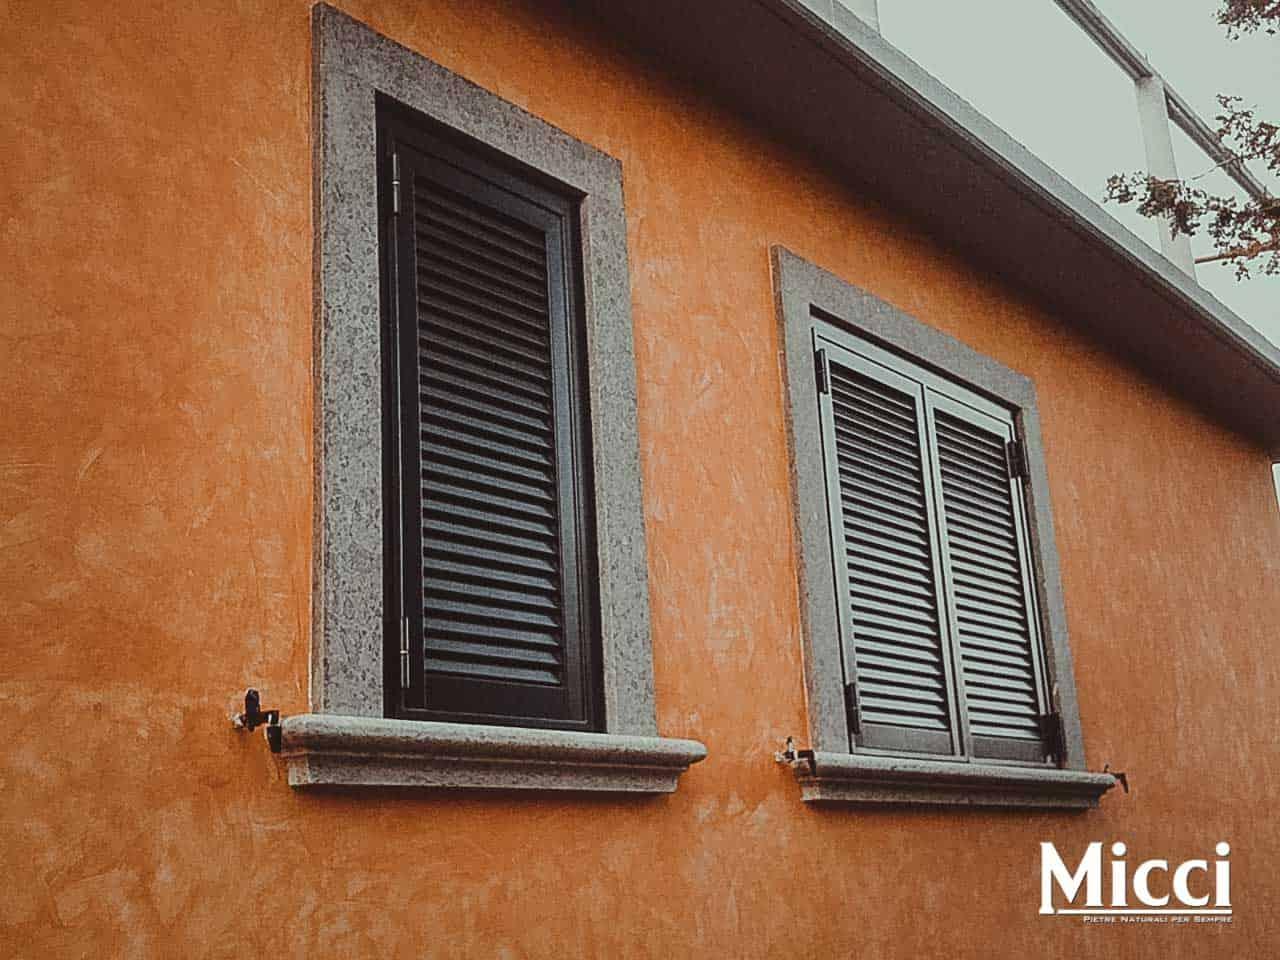 Cornici per finestre in pietra sd35 regardsdefemmes for Micci peperino